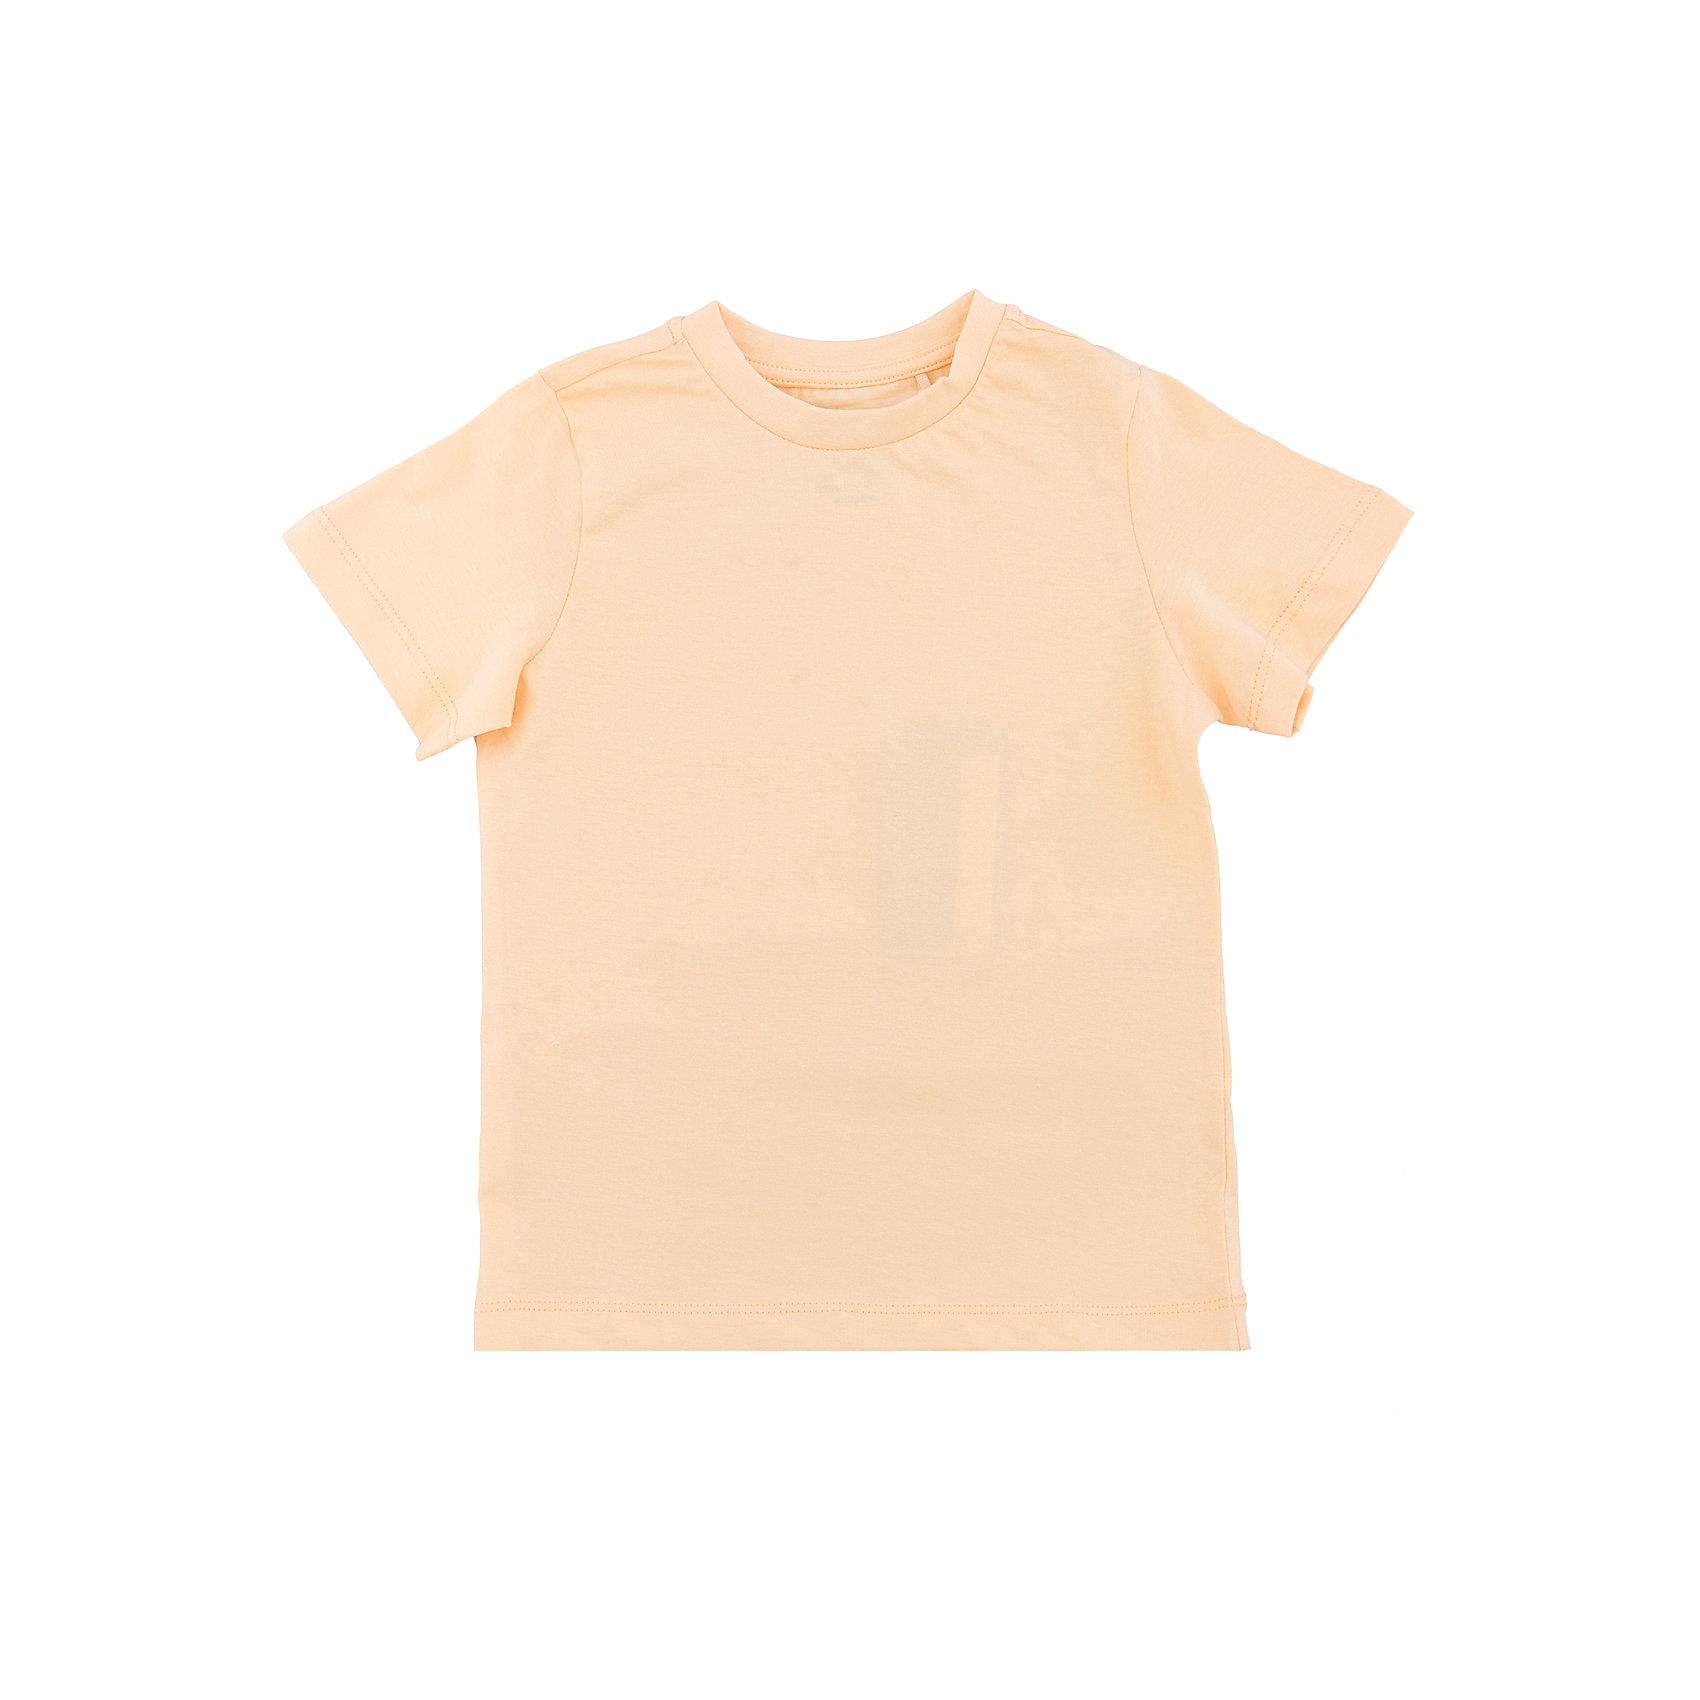 Футболка  для мальчика SELAХарактеристики товара:<br><br>• цвет: желтый<br>• состав: 100% хлопок<br>• однотонная<br>• короткие рукава<br>• округлый горловой вырез<br>• коллекция весна-лето 2017<br>• страна бренда: Российская Федерация<br><br>В новой коллекции SELA отличные модели одежды! Эта футболка для мальчика поможет разнообразить гардероб ребенка и обеспечить комфорт. Она отлично сочетается с джинсами и брюками. Удобная базовая вещь!<br><br>Одежда, обувь и аксессуары от российского бренда SELA не зря пользуются большой популярностью у детей и взрослых! Модели этой марки - стильные и удобные, цена при этом неизменно остается доступной. Для их производства используются только безопасные, качественные материалы и фурнитура. Новая коллекция поддерживает хорошие традиции бренда! <br><br>Футболку для мальчика от популярного бренда SELA (СЕЛА) можно купить в нашем интернет-магазине.<br><br>Ширина мм: 230<br>Глубина мм: 40<br>Высота мм: 220<br>Вес г: 250<br>Цвет: желтый<br>Возраст от месяцев: 60<br>Возраст до месяцев: 72<br>Пол: Мужской<br>Возраст: Детский<br>Размер: 116,92,98,104,110<br>SKU: 5303905